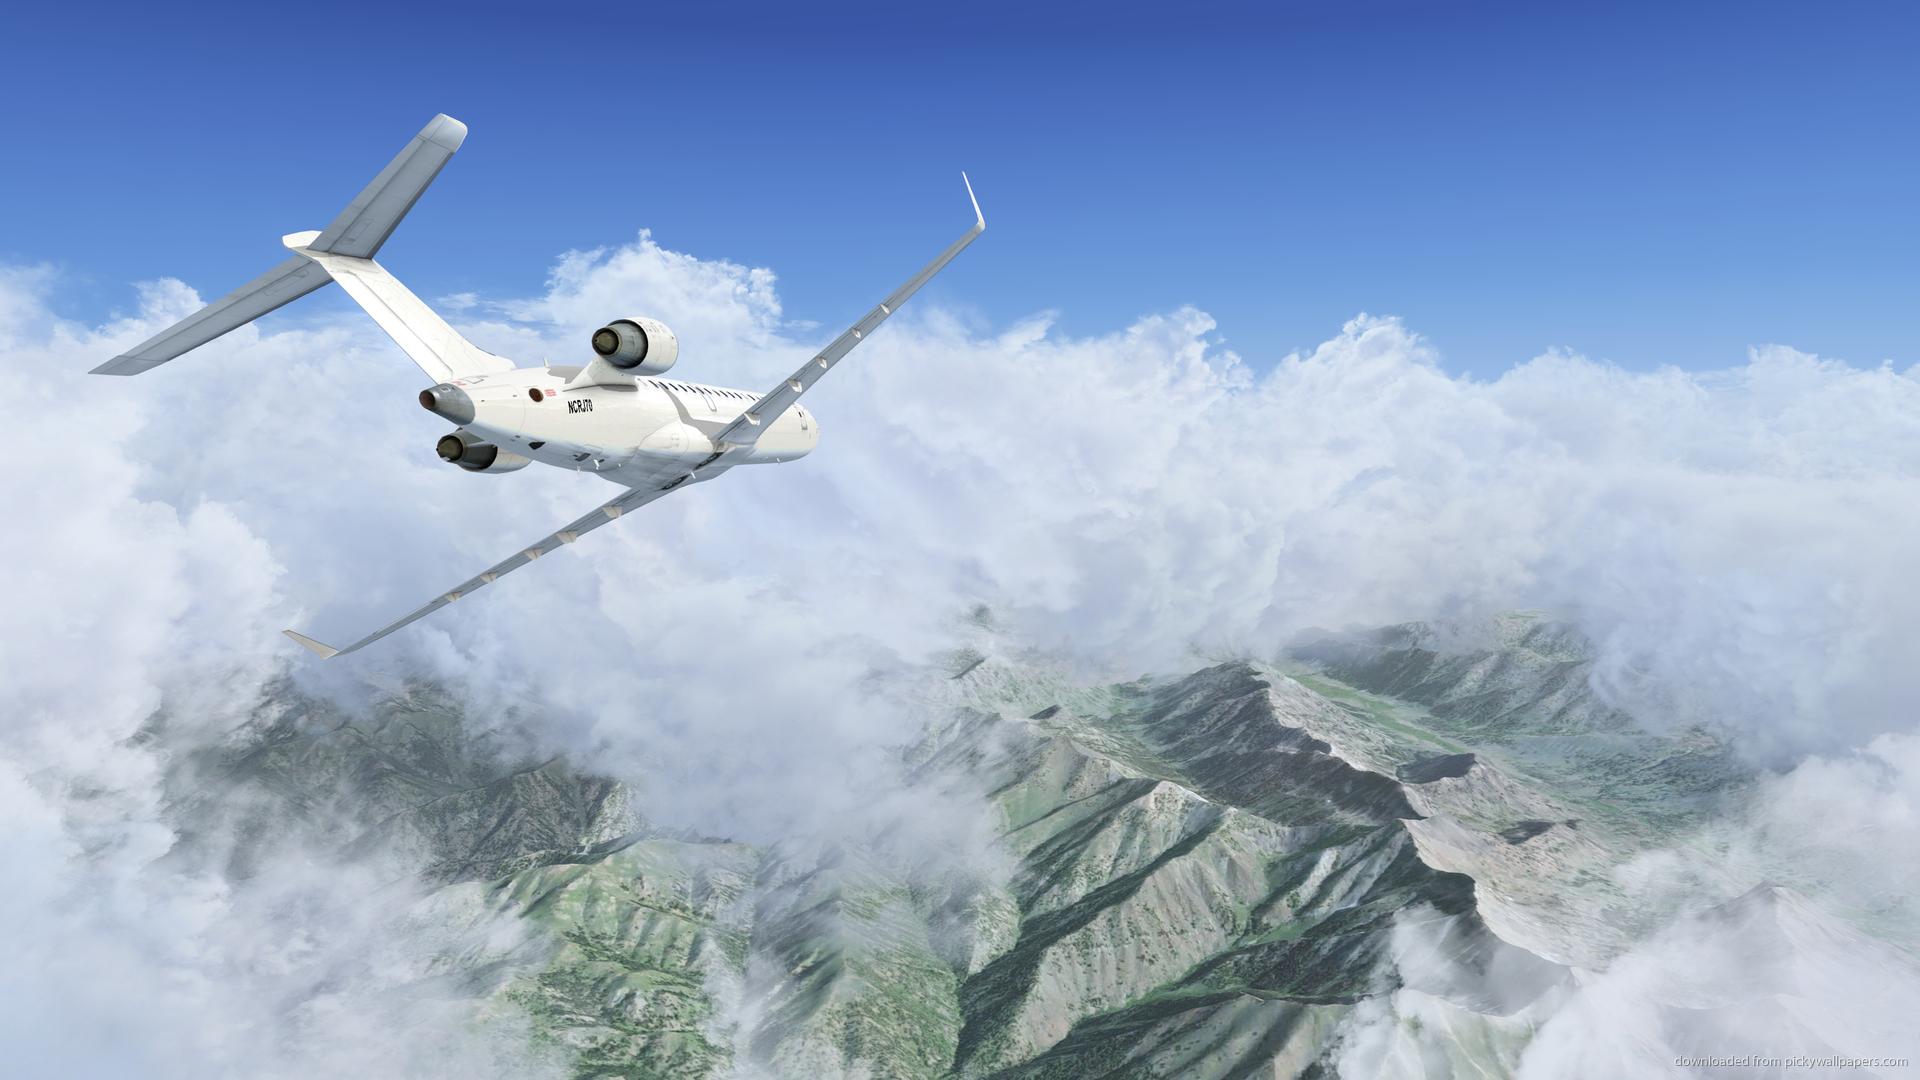 Download 1920x1080 Flight Simulator X Wallpaper 1920x1080